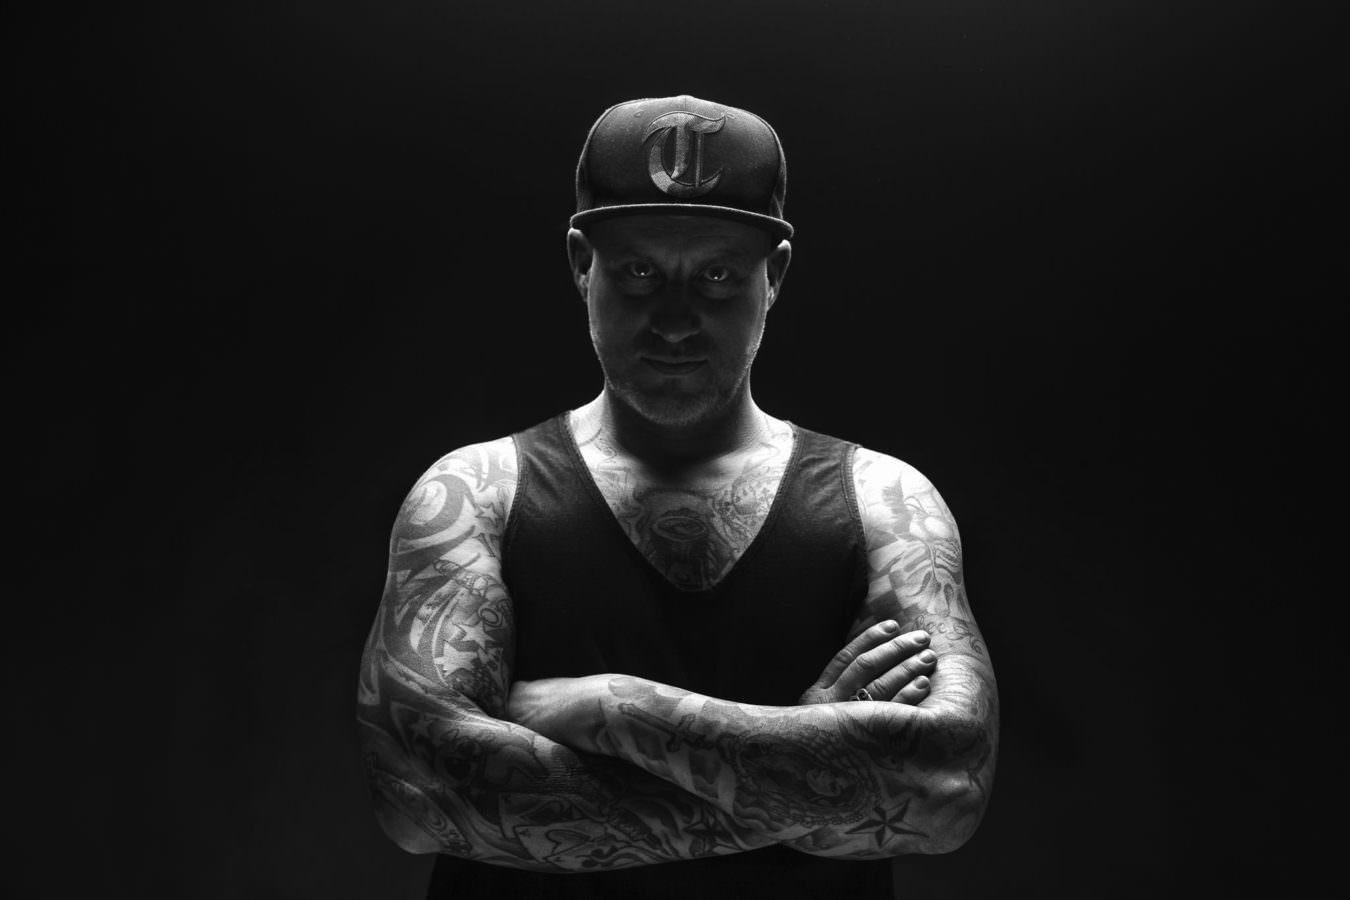 Maenner Fotoshooting im Studio eines Tattowierten vor schwarzem Hintergrund